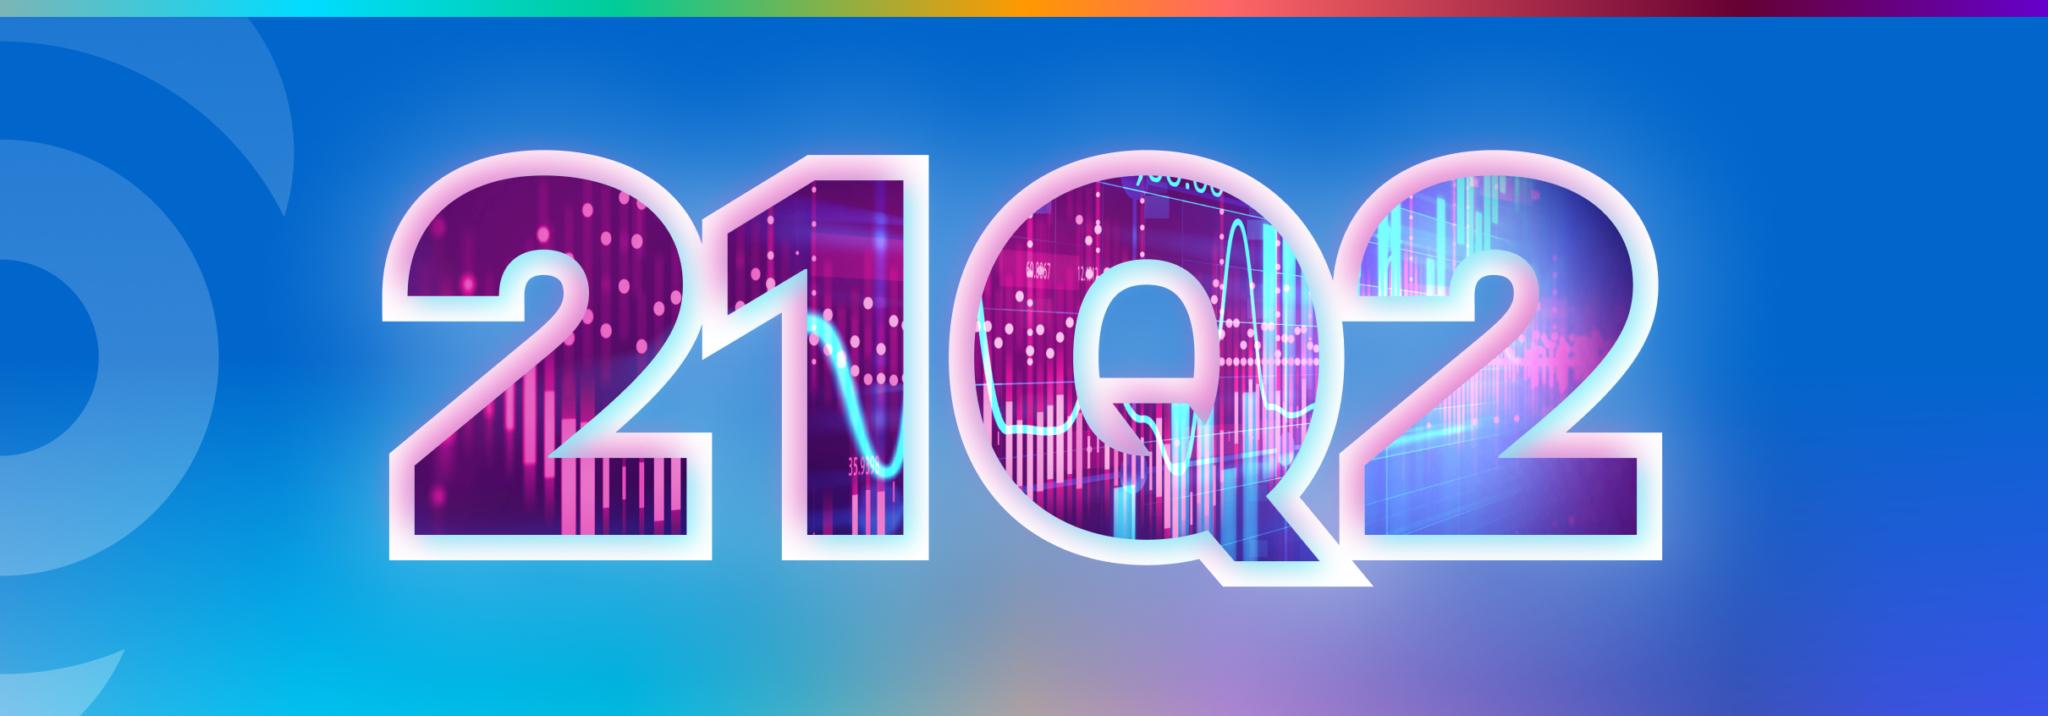 inside digital erreicht im 2. Quartal 2021 mehr Visits als ...